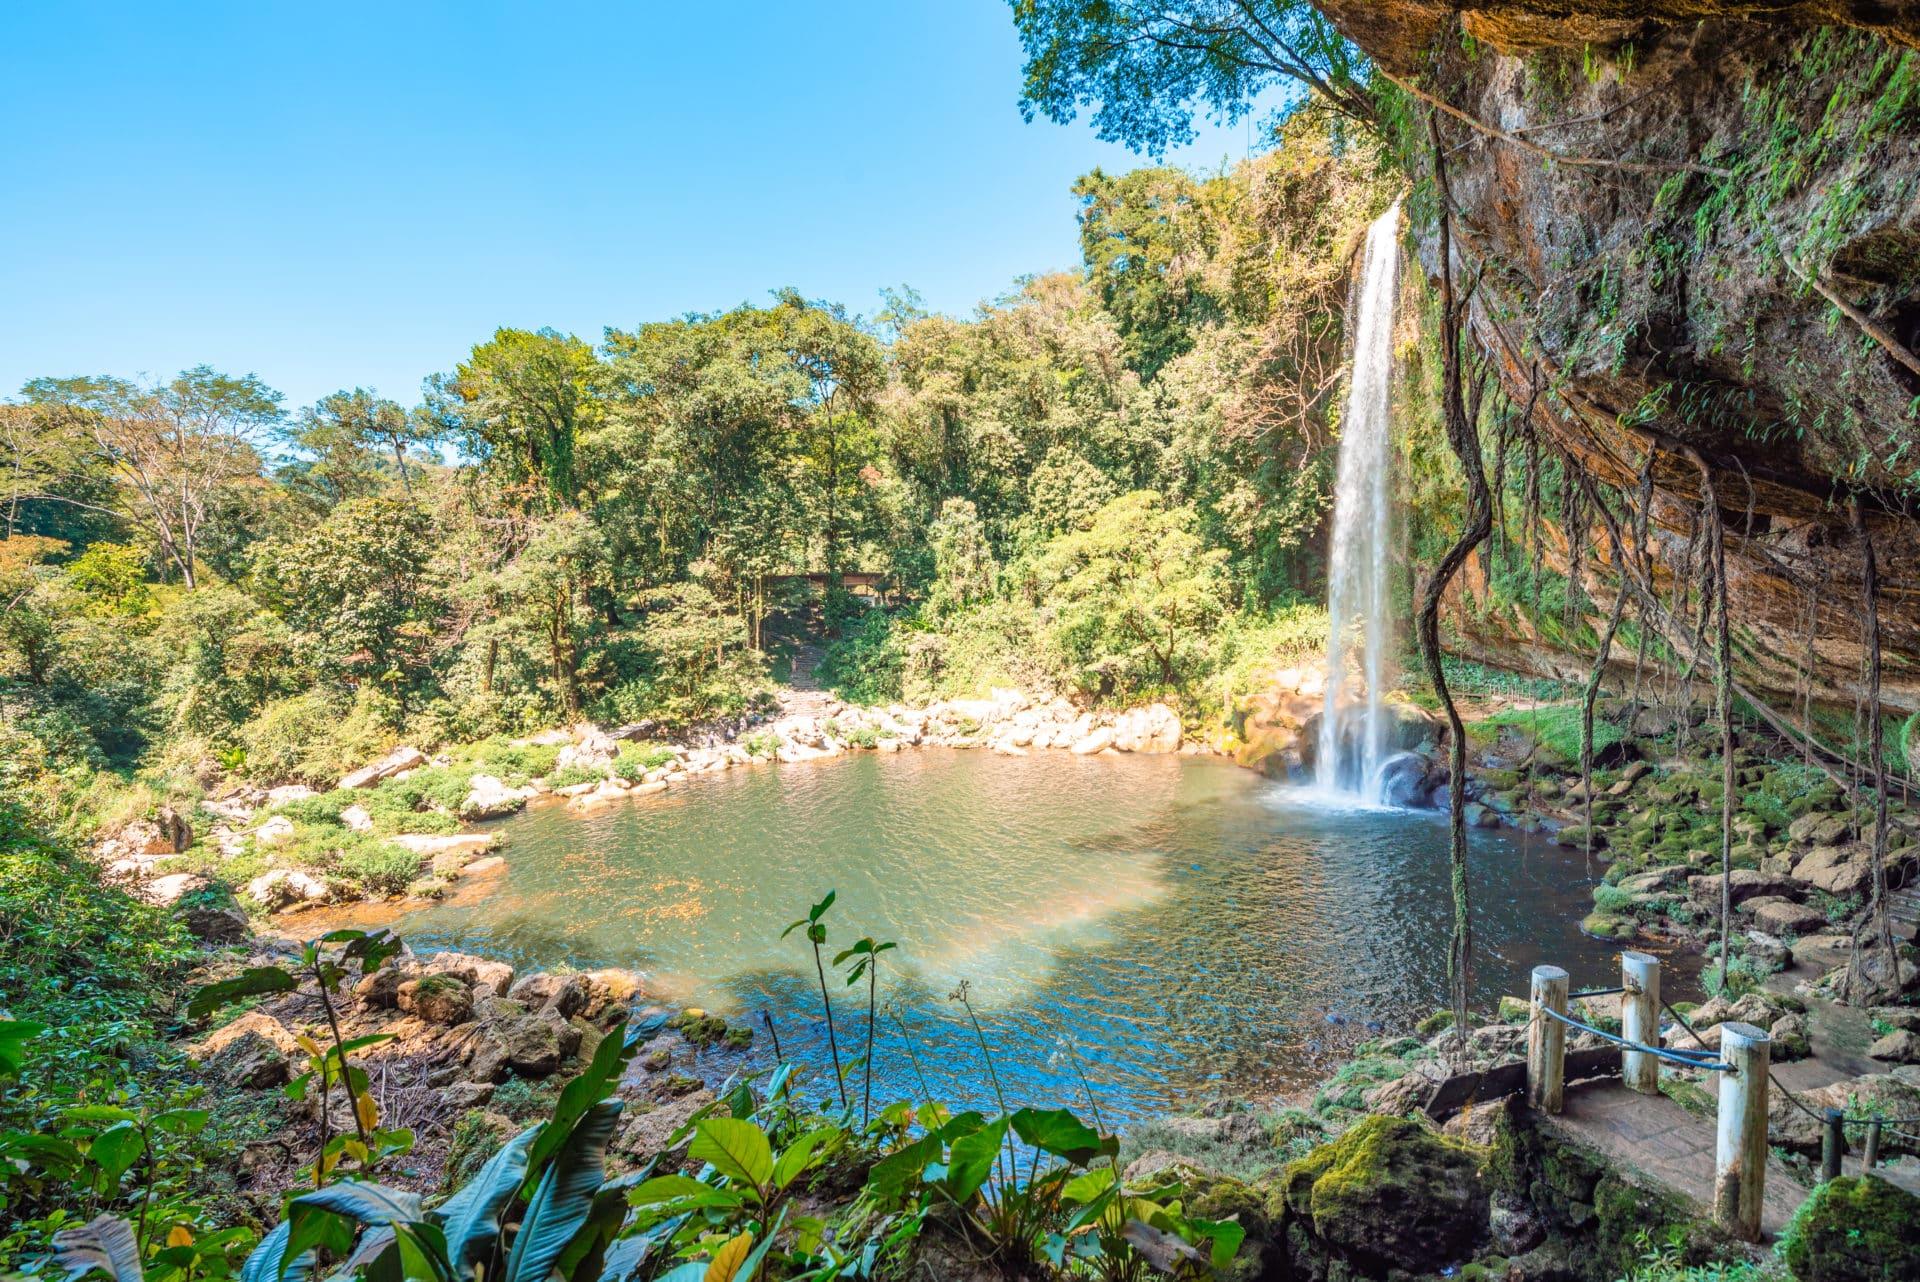 Vue de la cascade de Misol Ha de coté